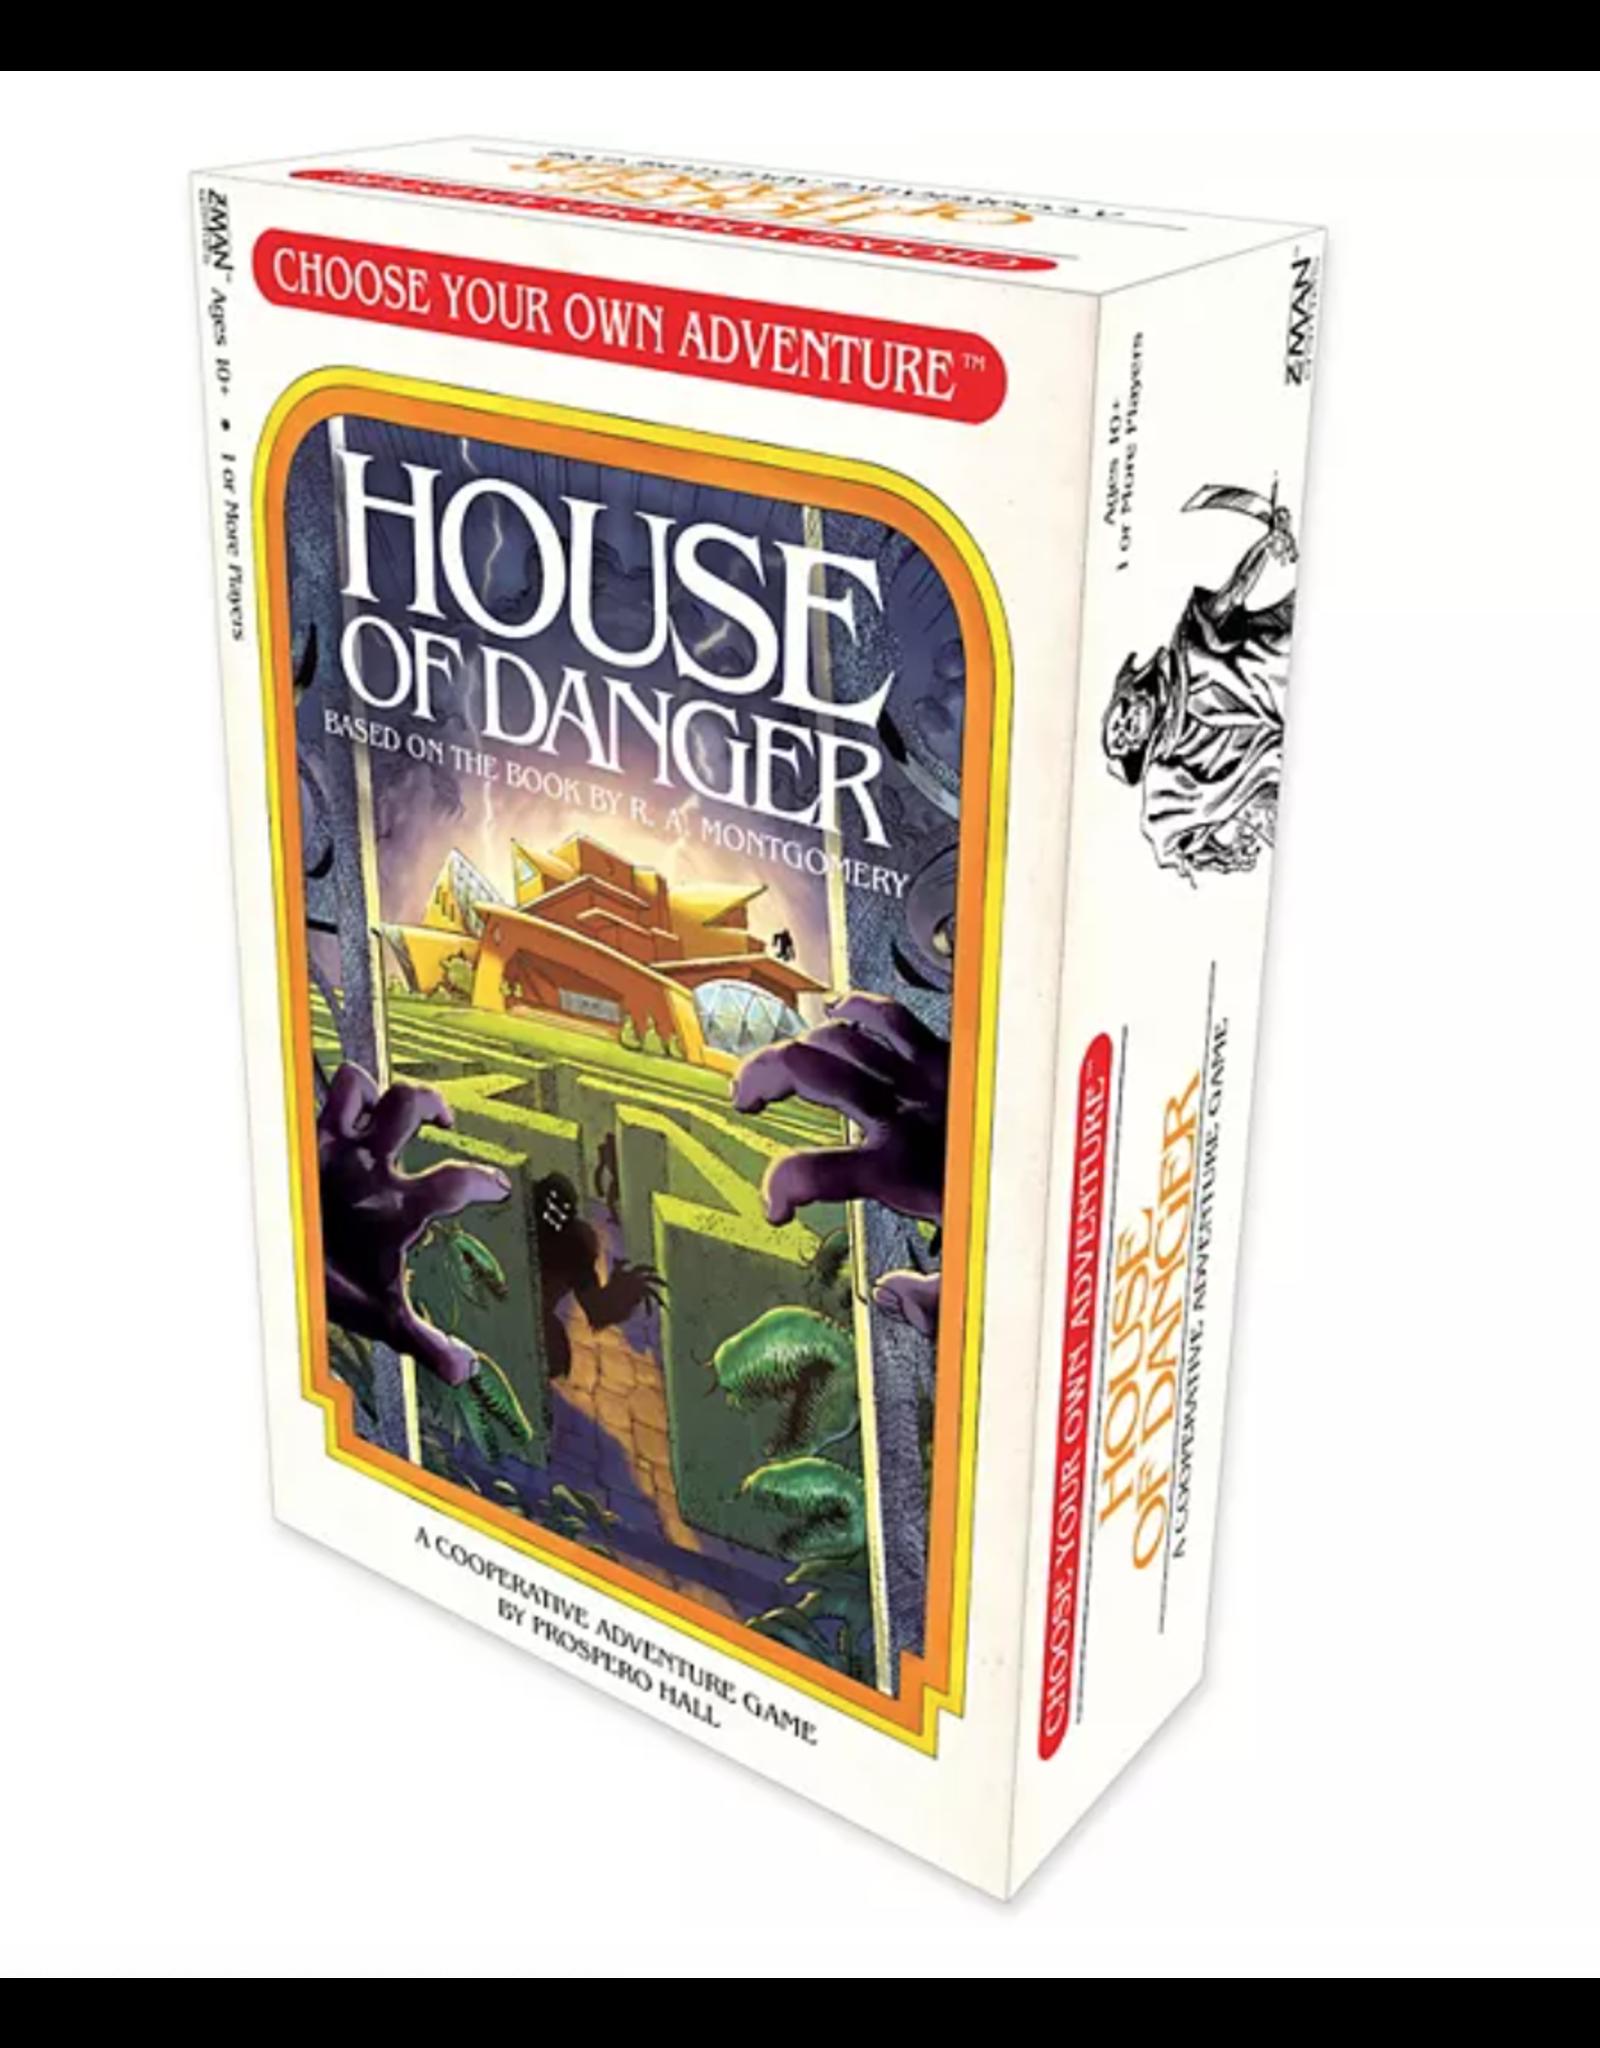 CYOA: House of Dang